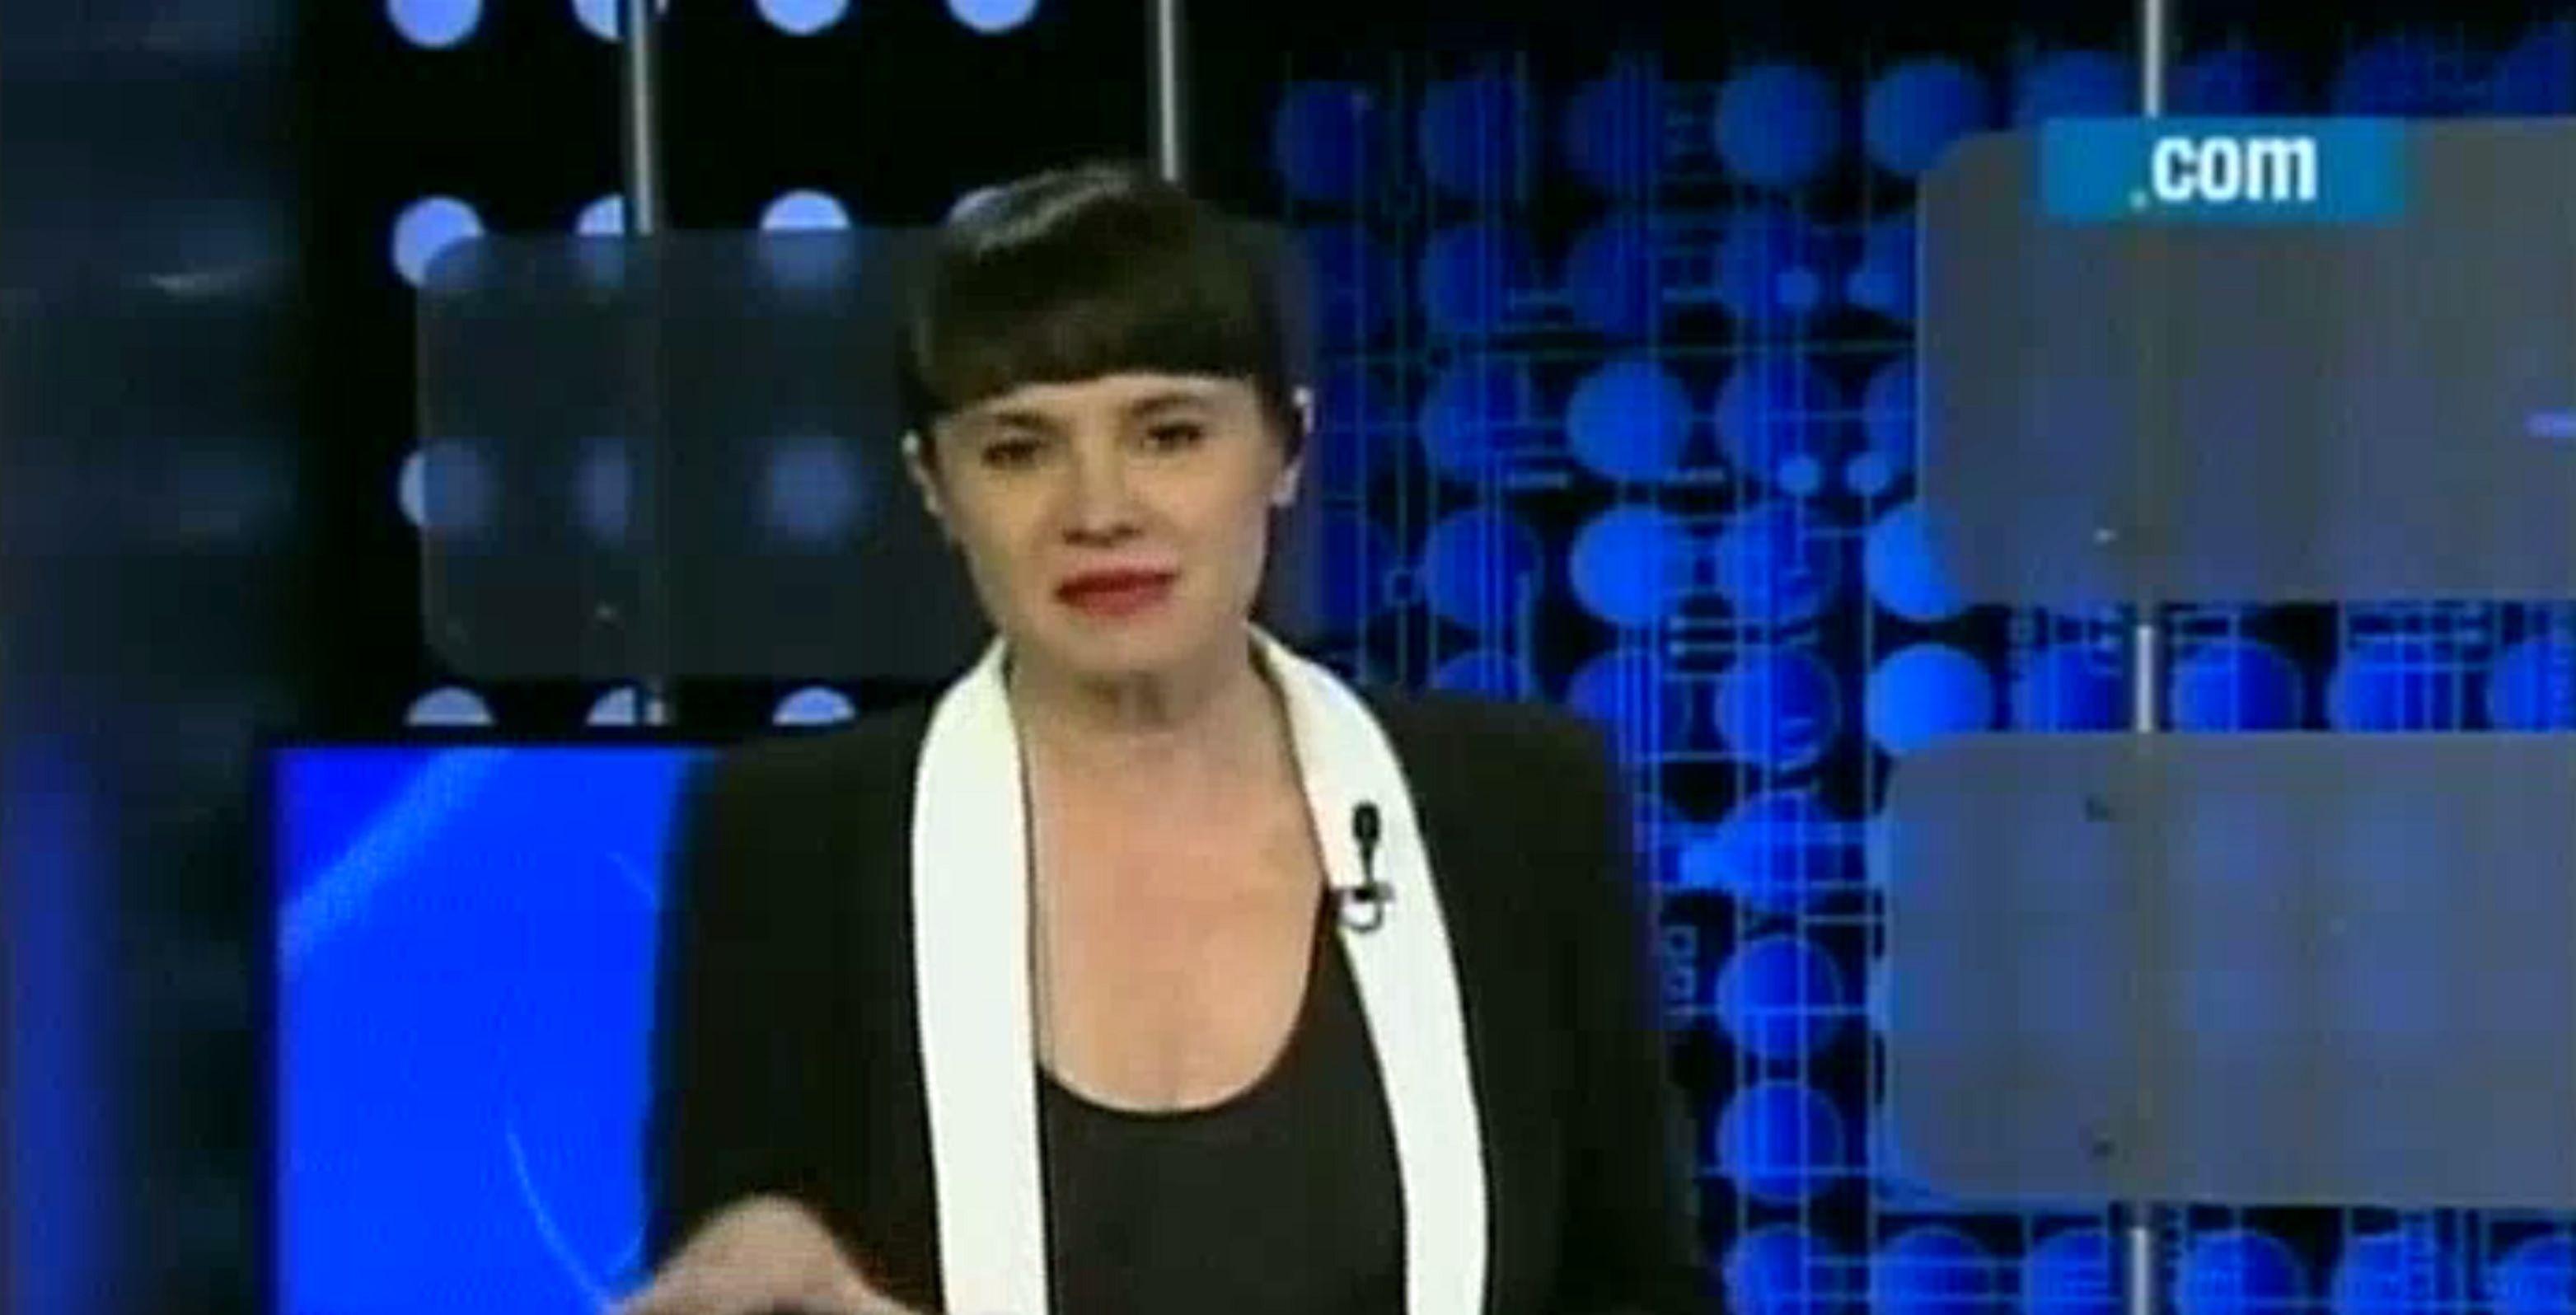 Gisela Marziotta debutó al frente de Ámbito de Poder en la pantalla de C5N